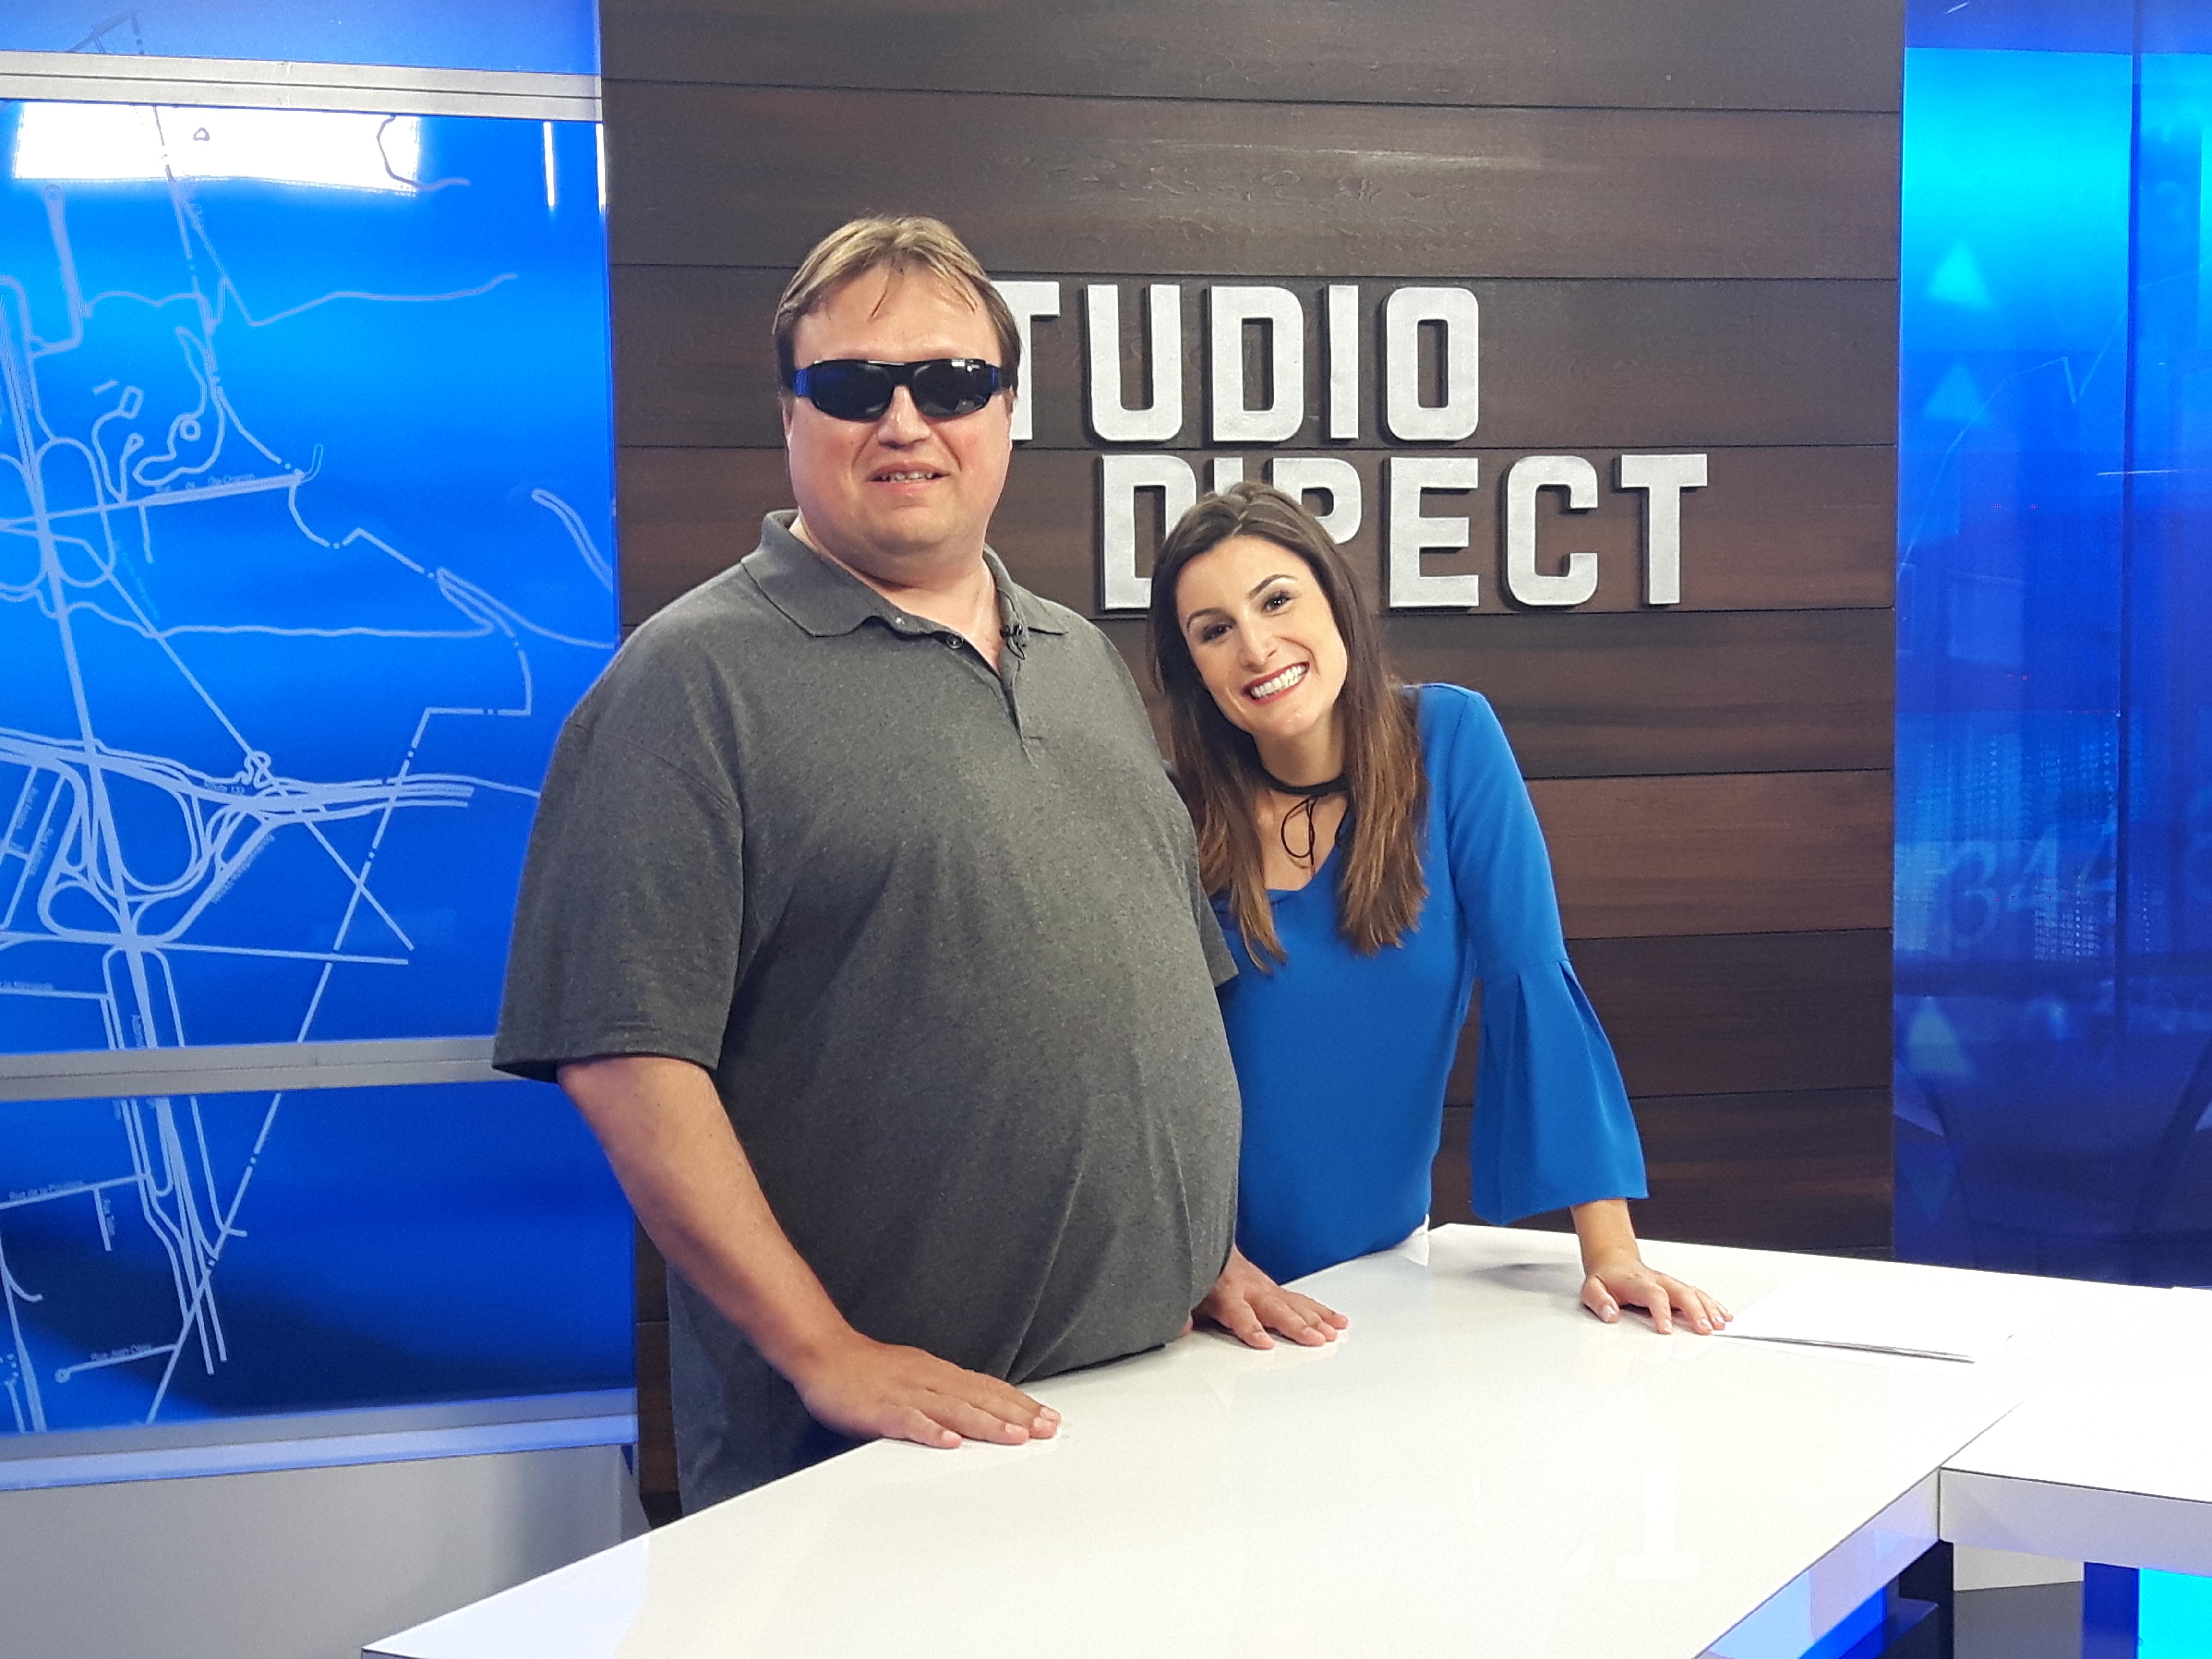 Martin Morin et Catherine Duranceau lors de l'émission «Studio direct» qui a eu lieu le 5 septembre 2017 à la Télévision de la Rive-Sud située à Longueuil.